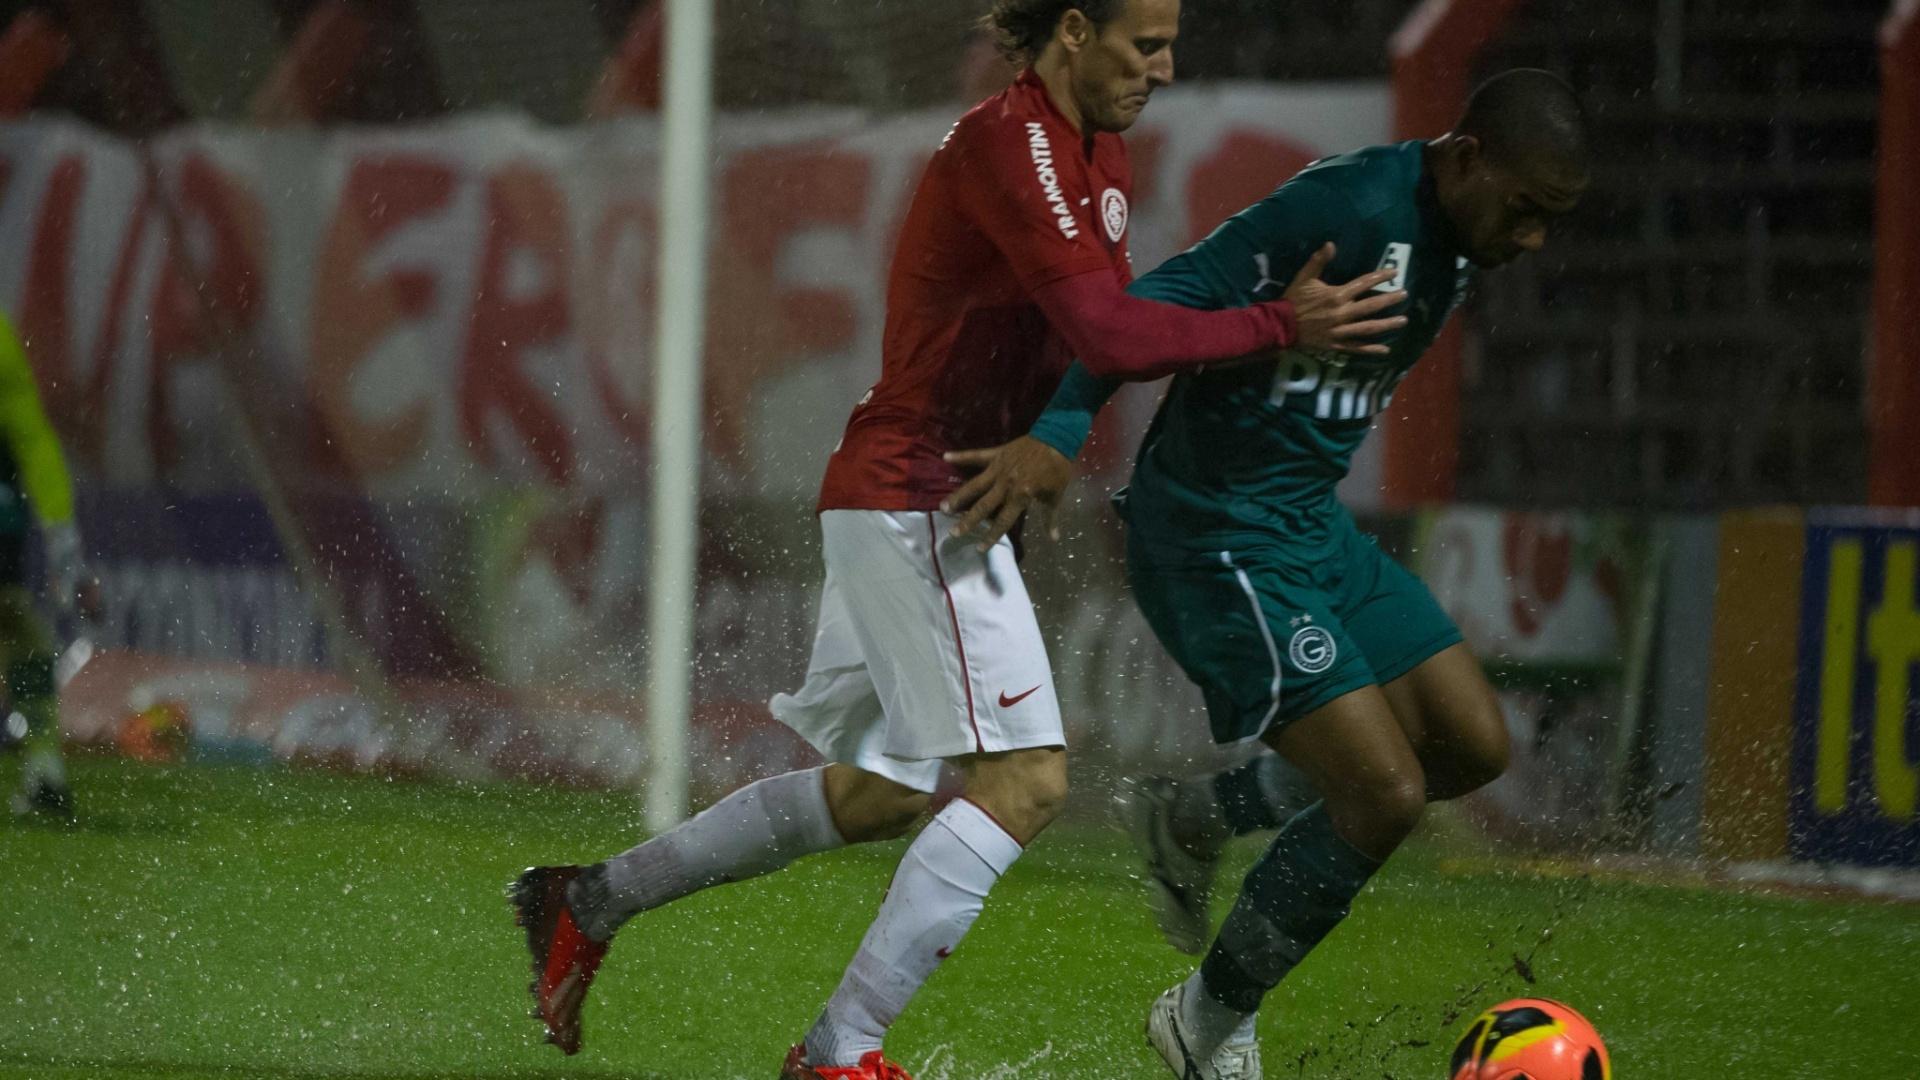 25.08.13 - Rodrigo, do Goiás, tenta proteger a bola enquanto Forlan tenta rouba-la pelo Brasileirão